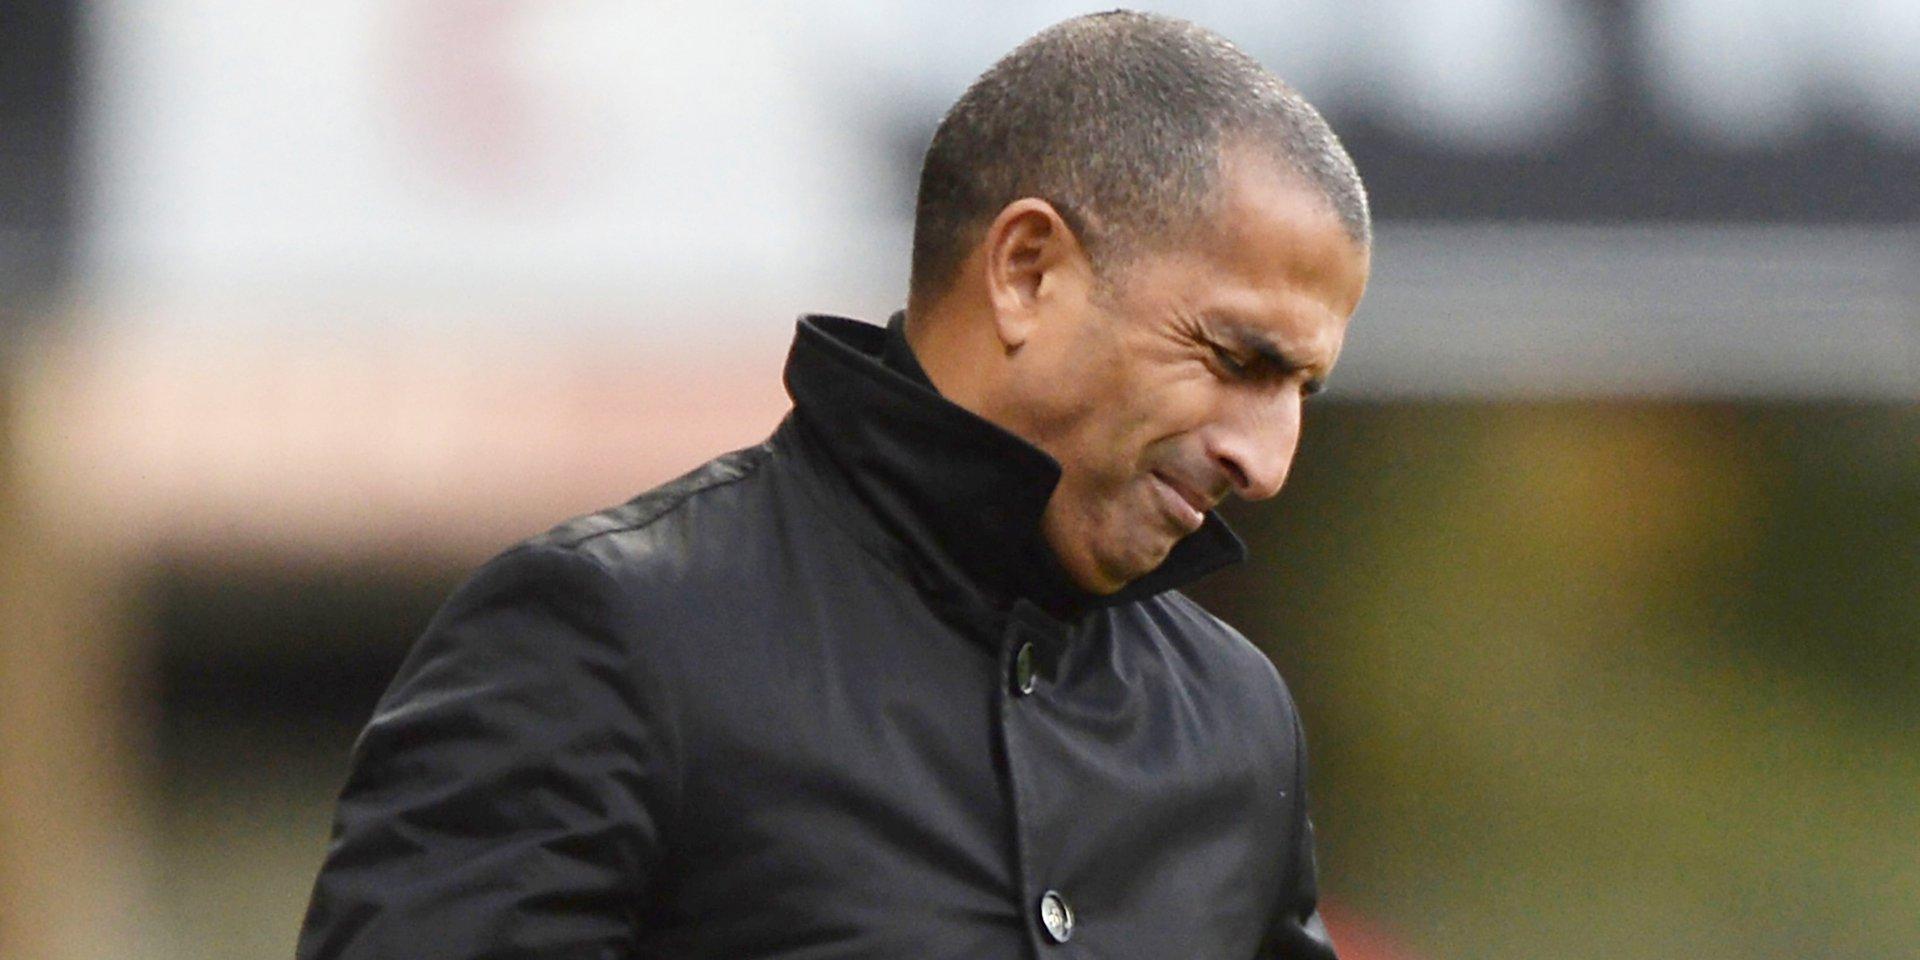 صبري اللموشي ينضم لقائمة المدربين المرشحين لتدريب المنتخب التونسي